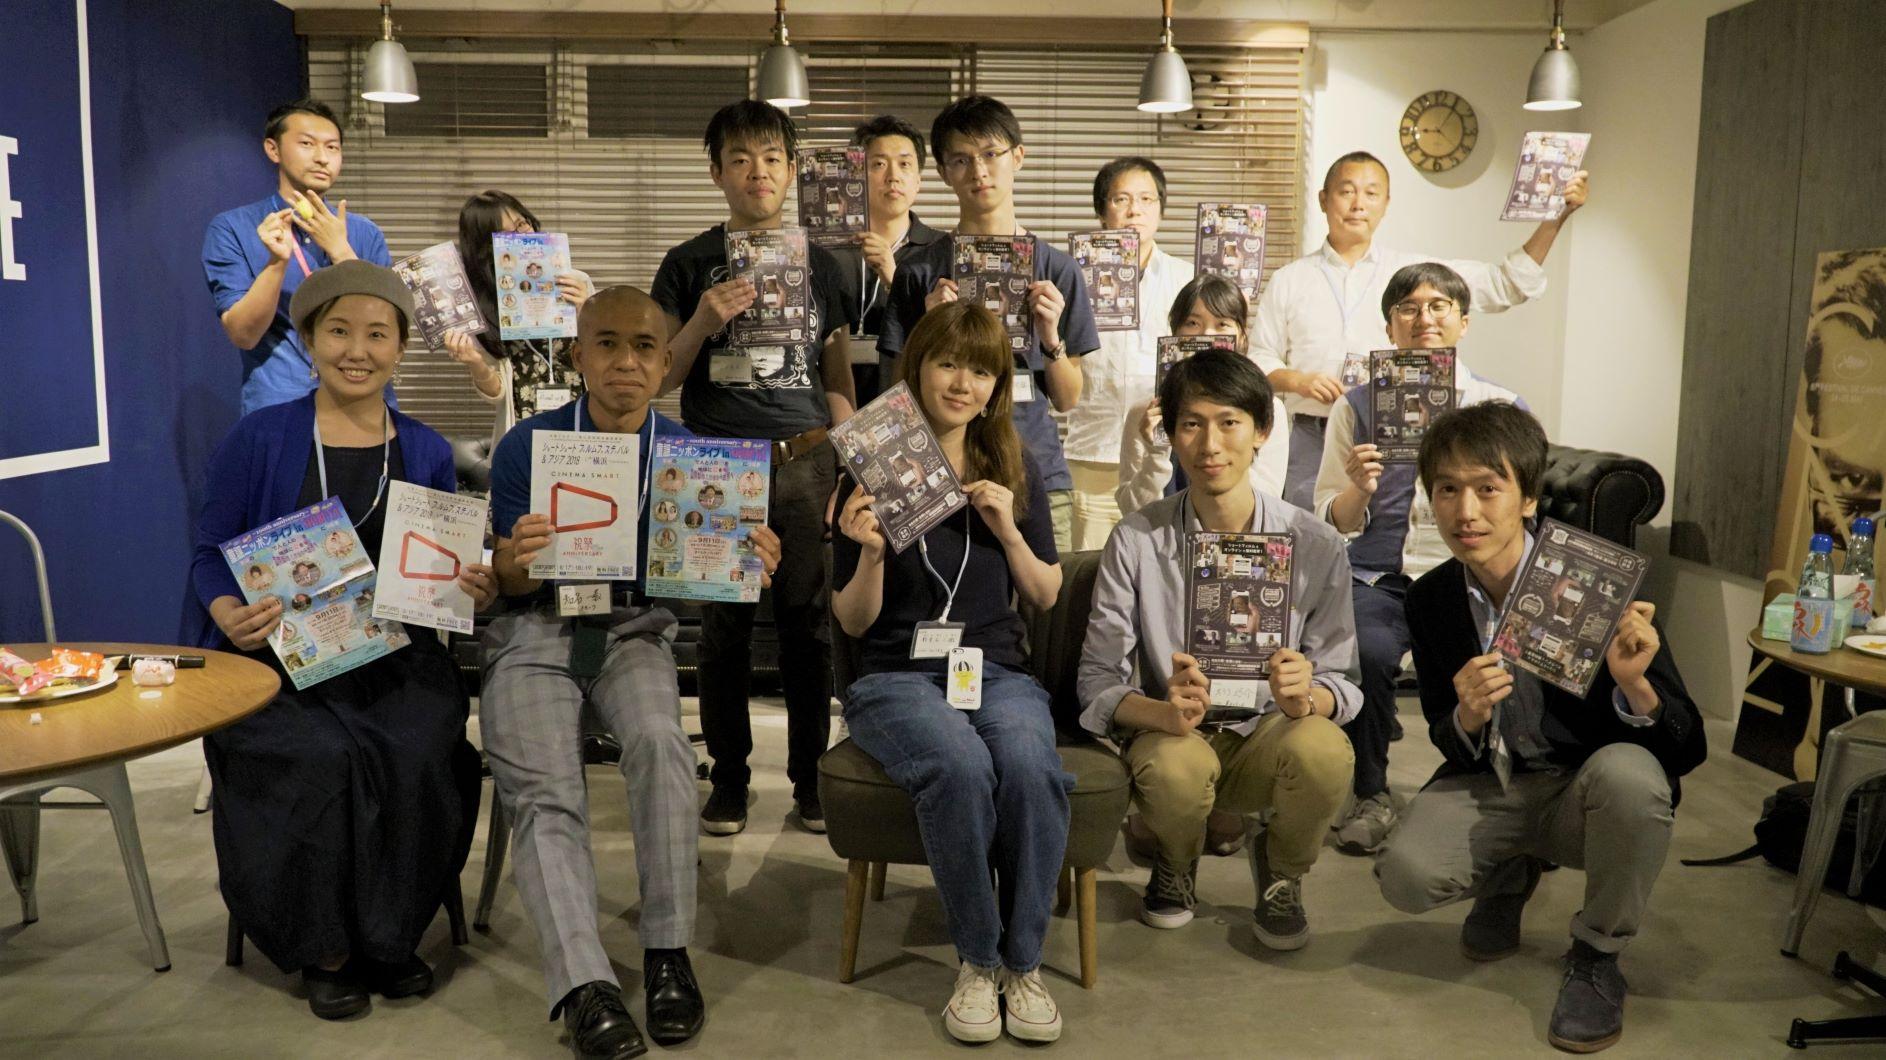 【イベントレポート】小江戸・川越の魅力を映画で発信!その舞台裏とは?~Cre